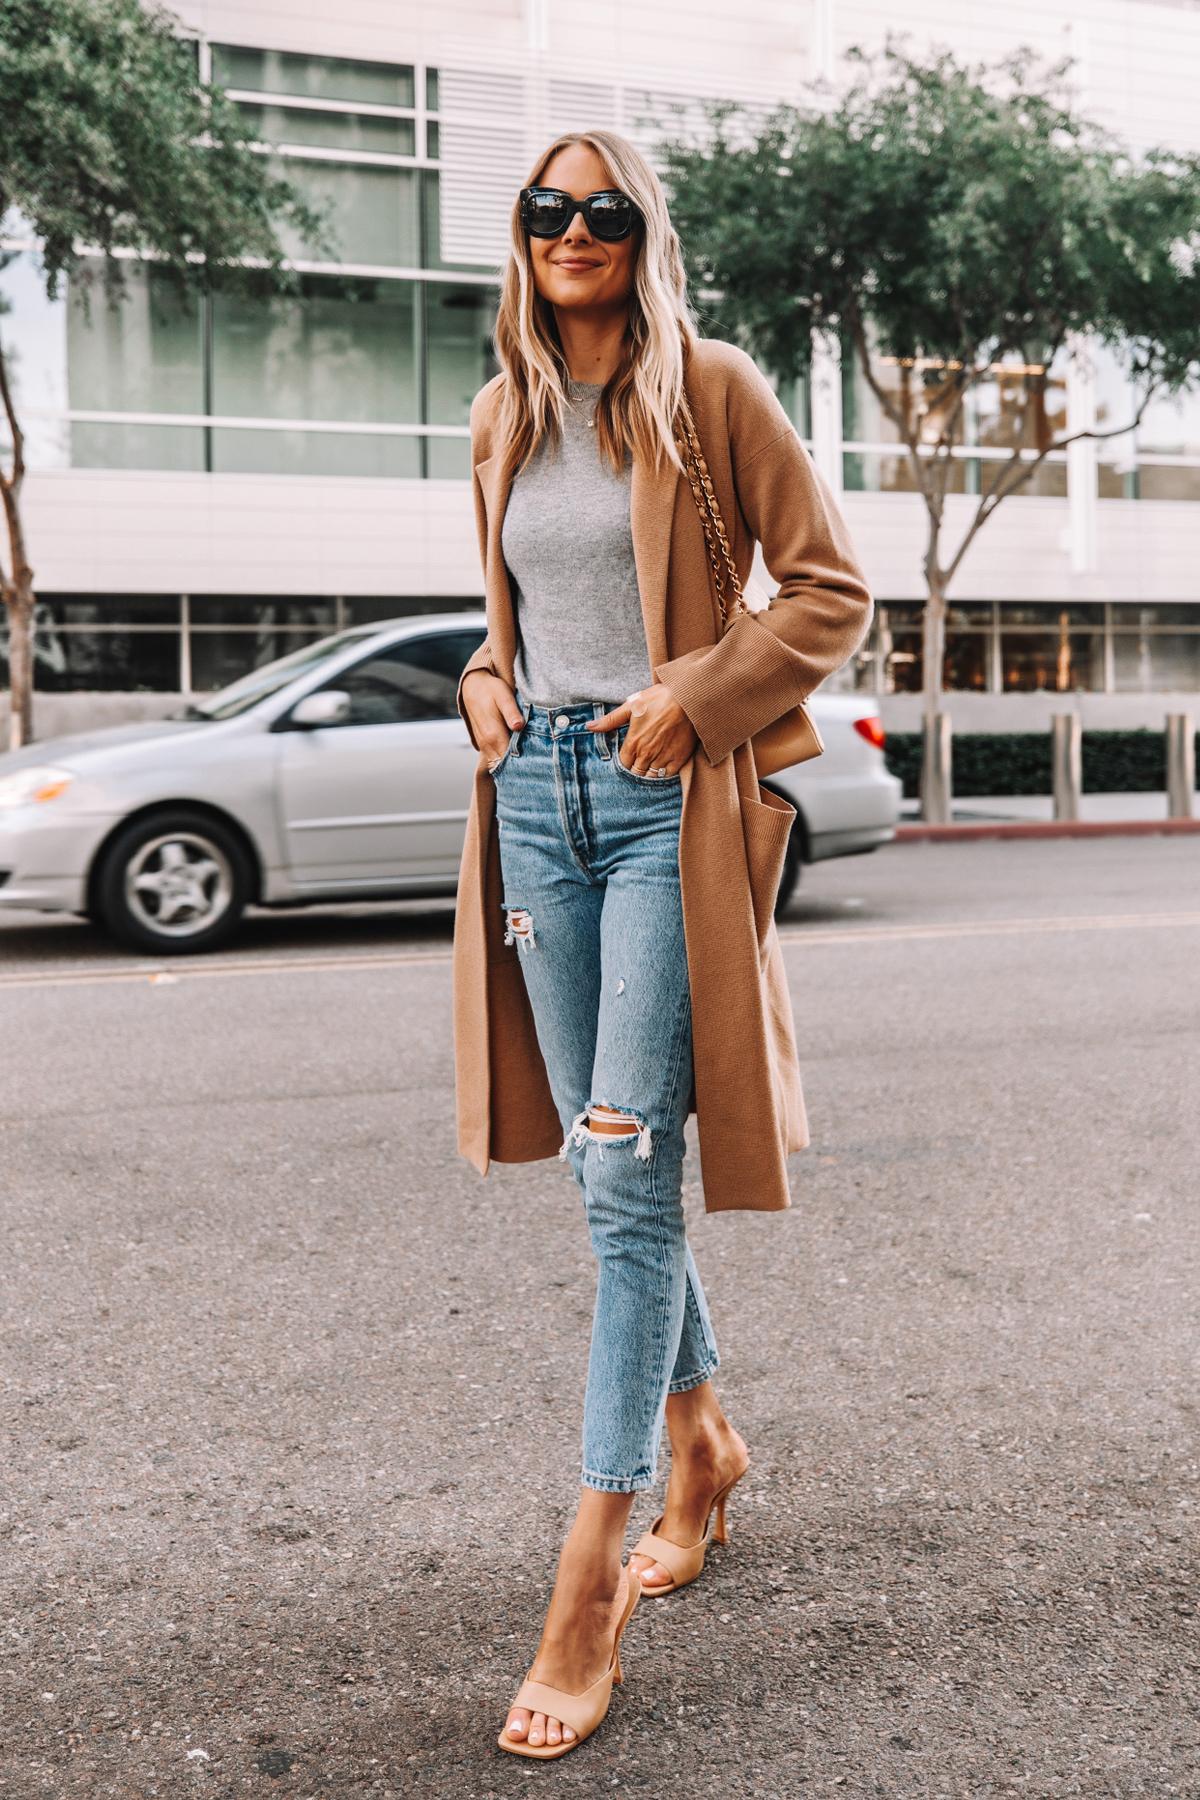 Fashion Jackson Wearing Jcrew Ella Long Sweater Blazer Grey Sweater Levis 501 Ripped Skinny Jeans Nude Heeled Sandals